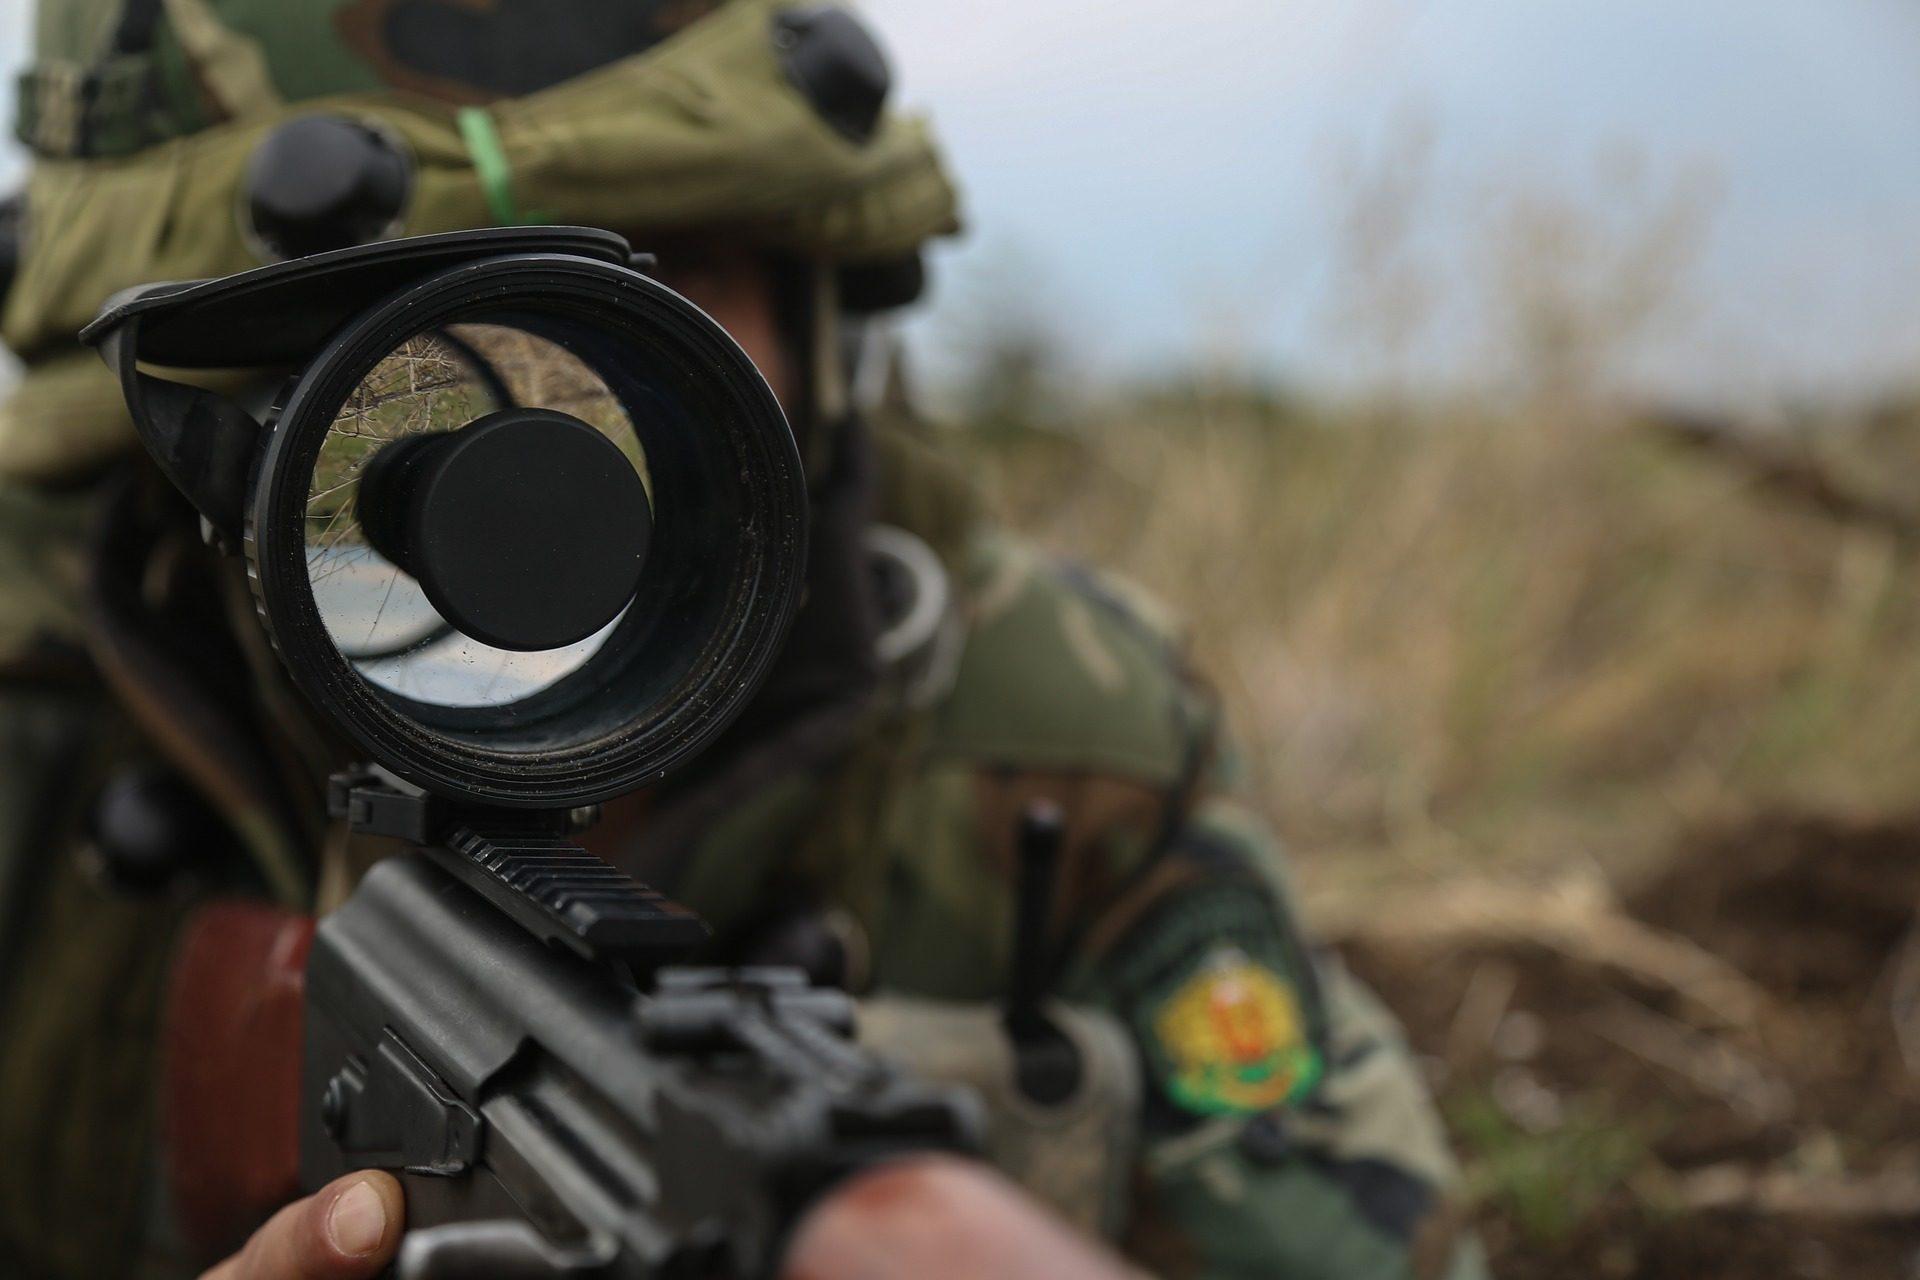 cecchino, arma, fucile, soldato, Esercito, guerra - Sfondi HD - Professor-falken.com